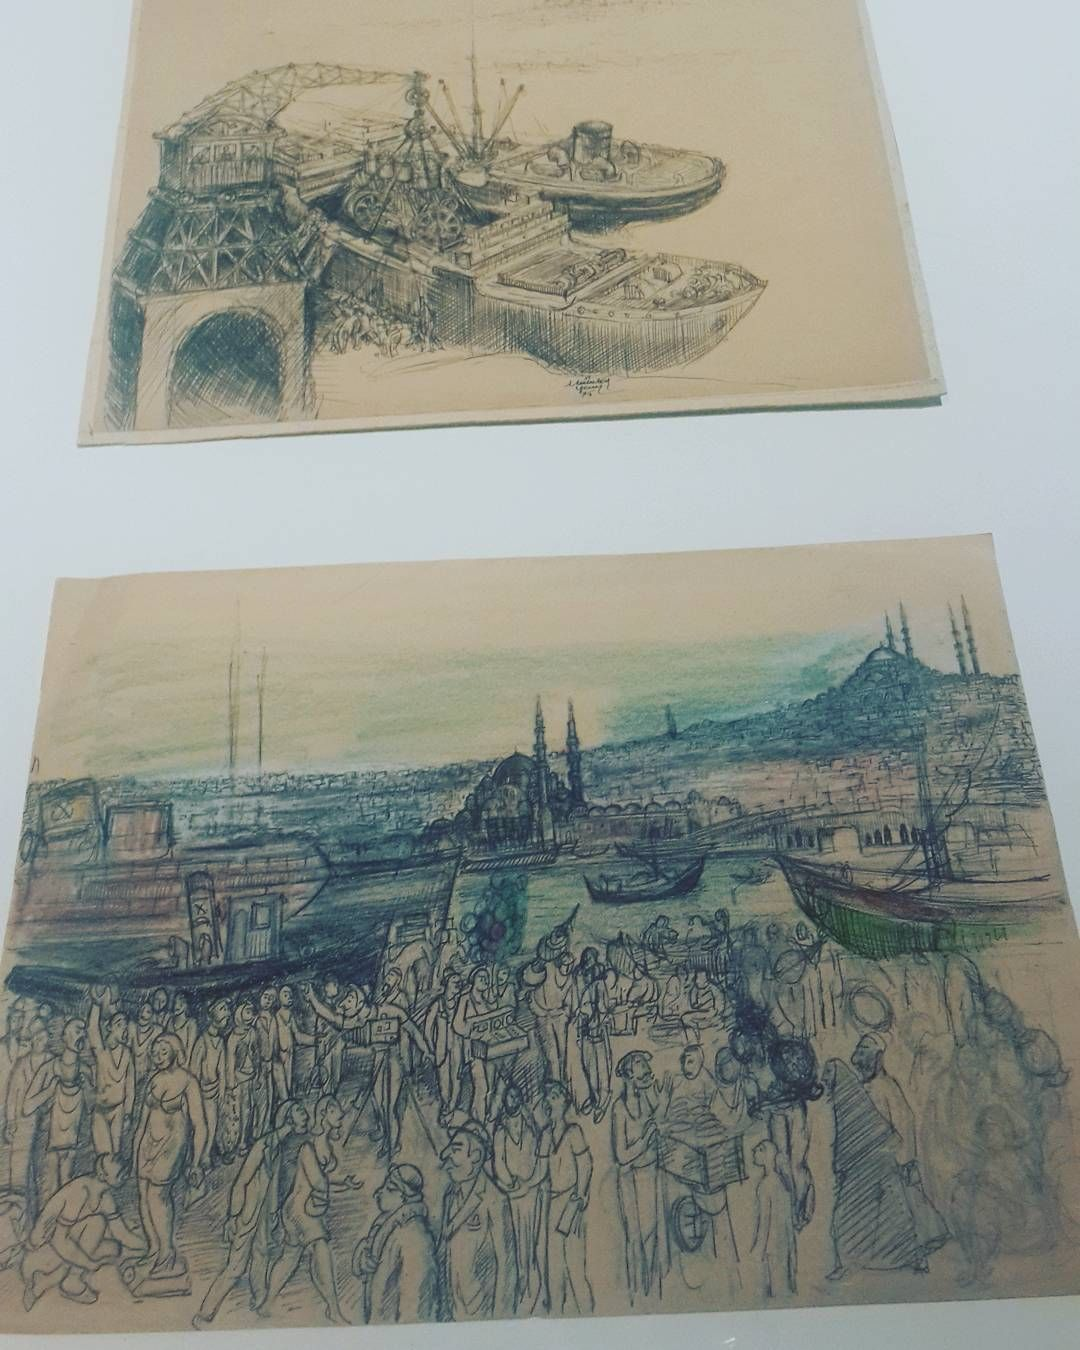 #art #sanat #design #artist http://turkrazzi.com/ipost/1514691006417713613/?code=BUFQ3H2AbnN